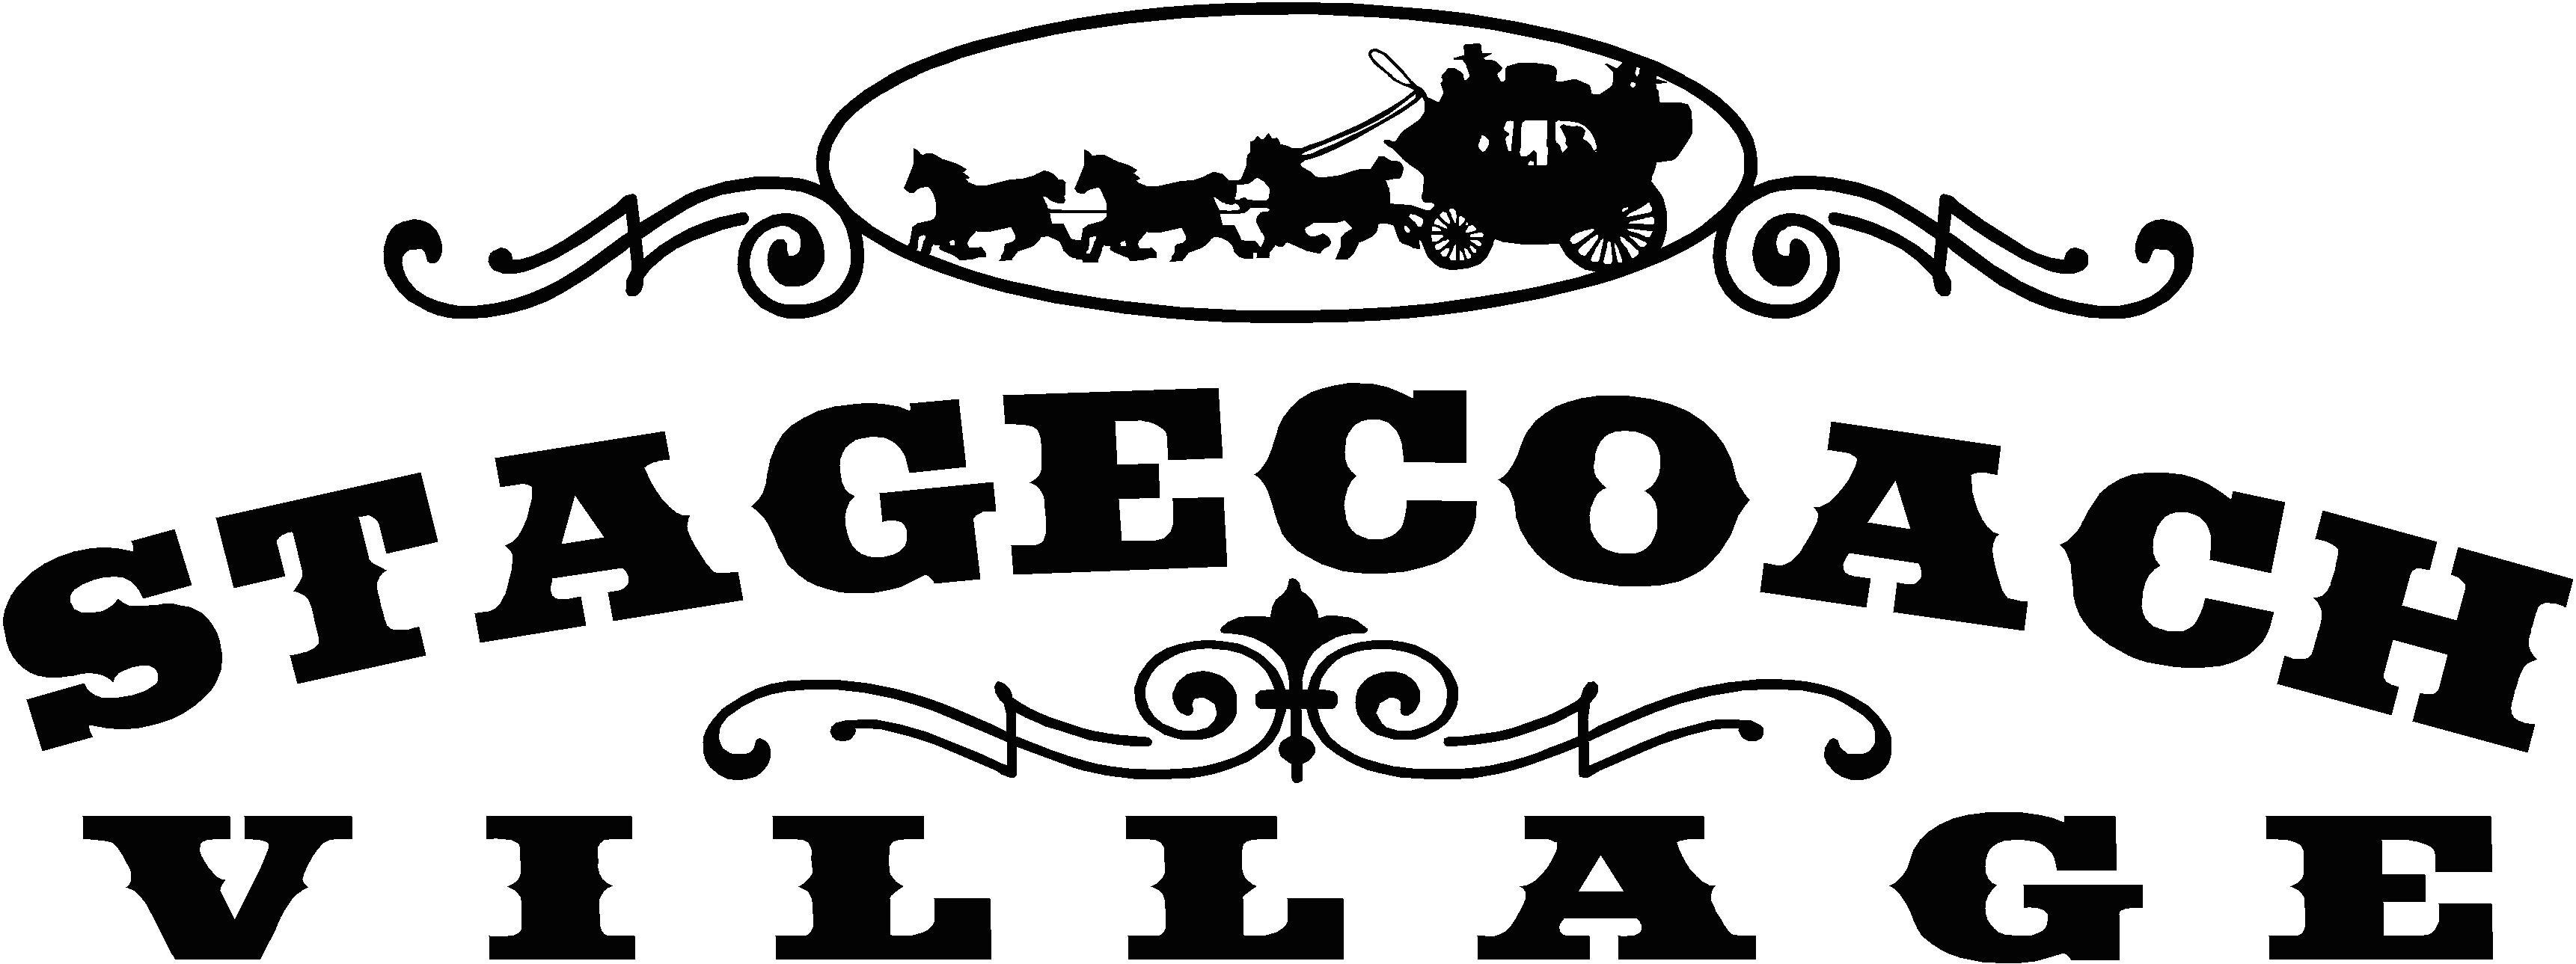 Stagecoach Village